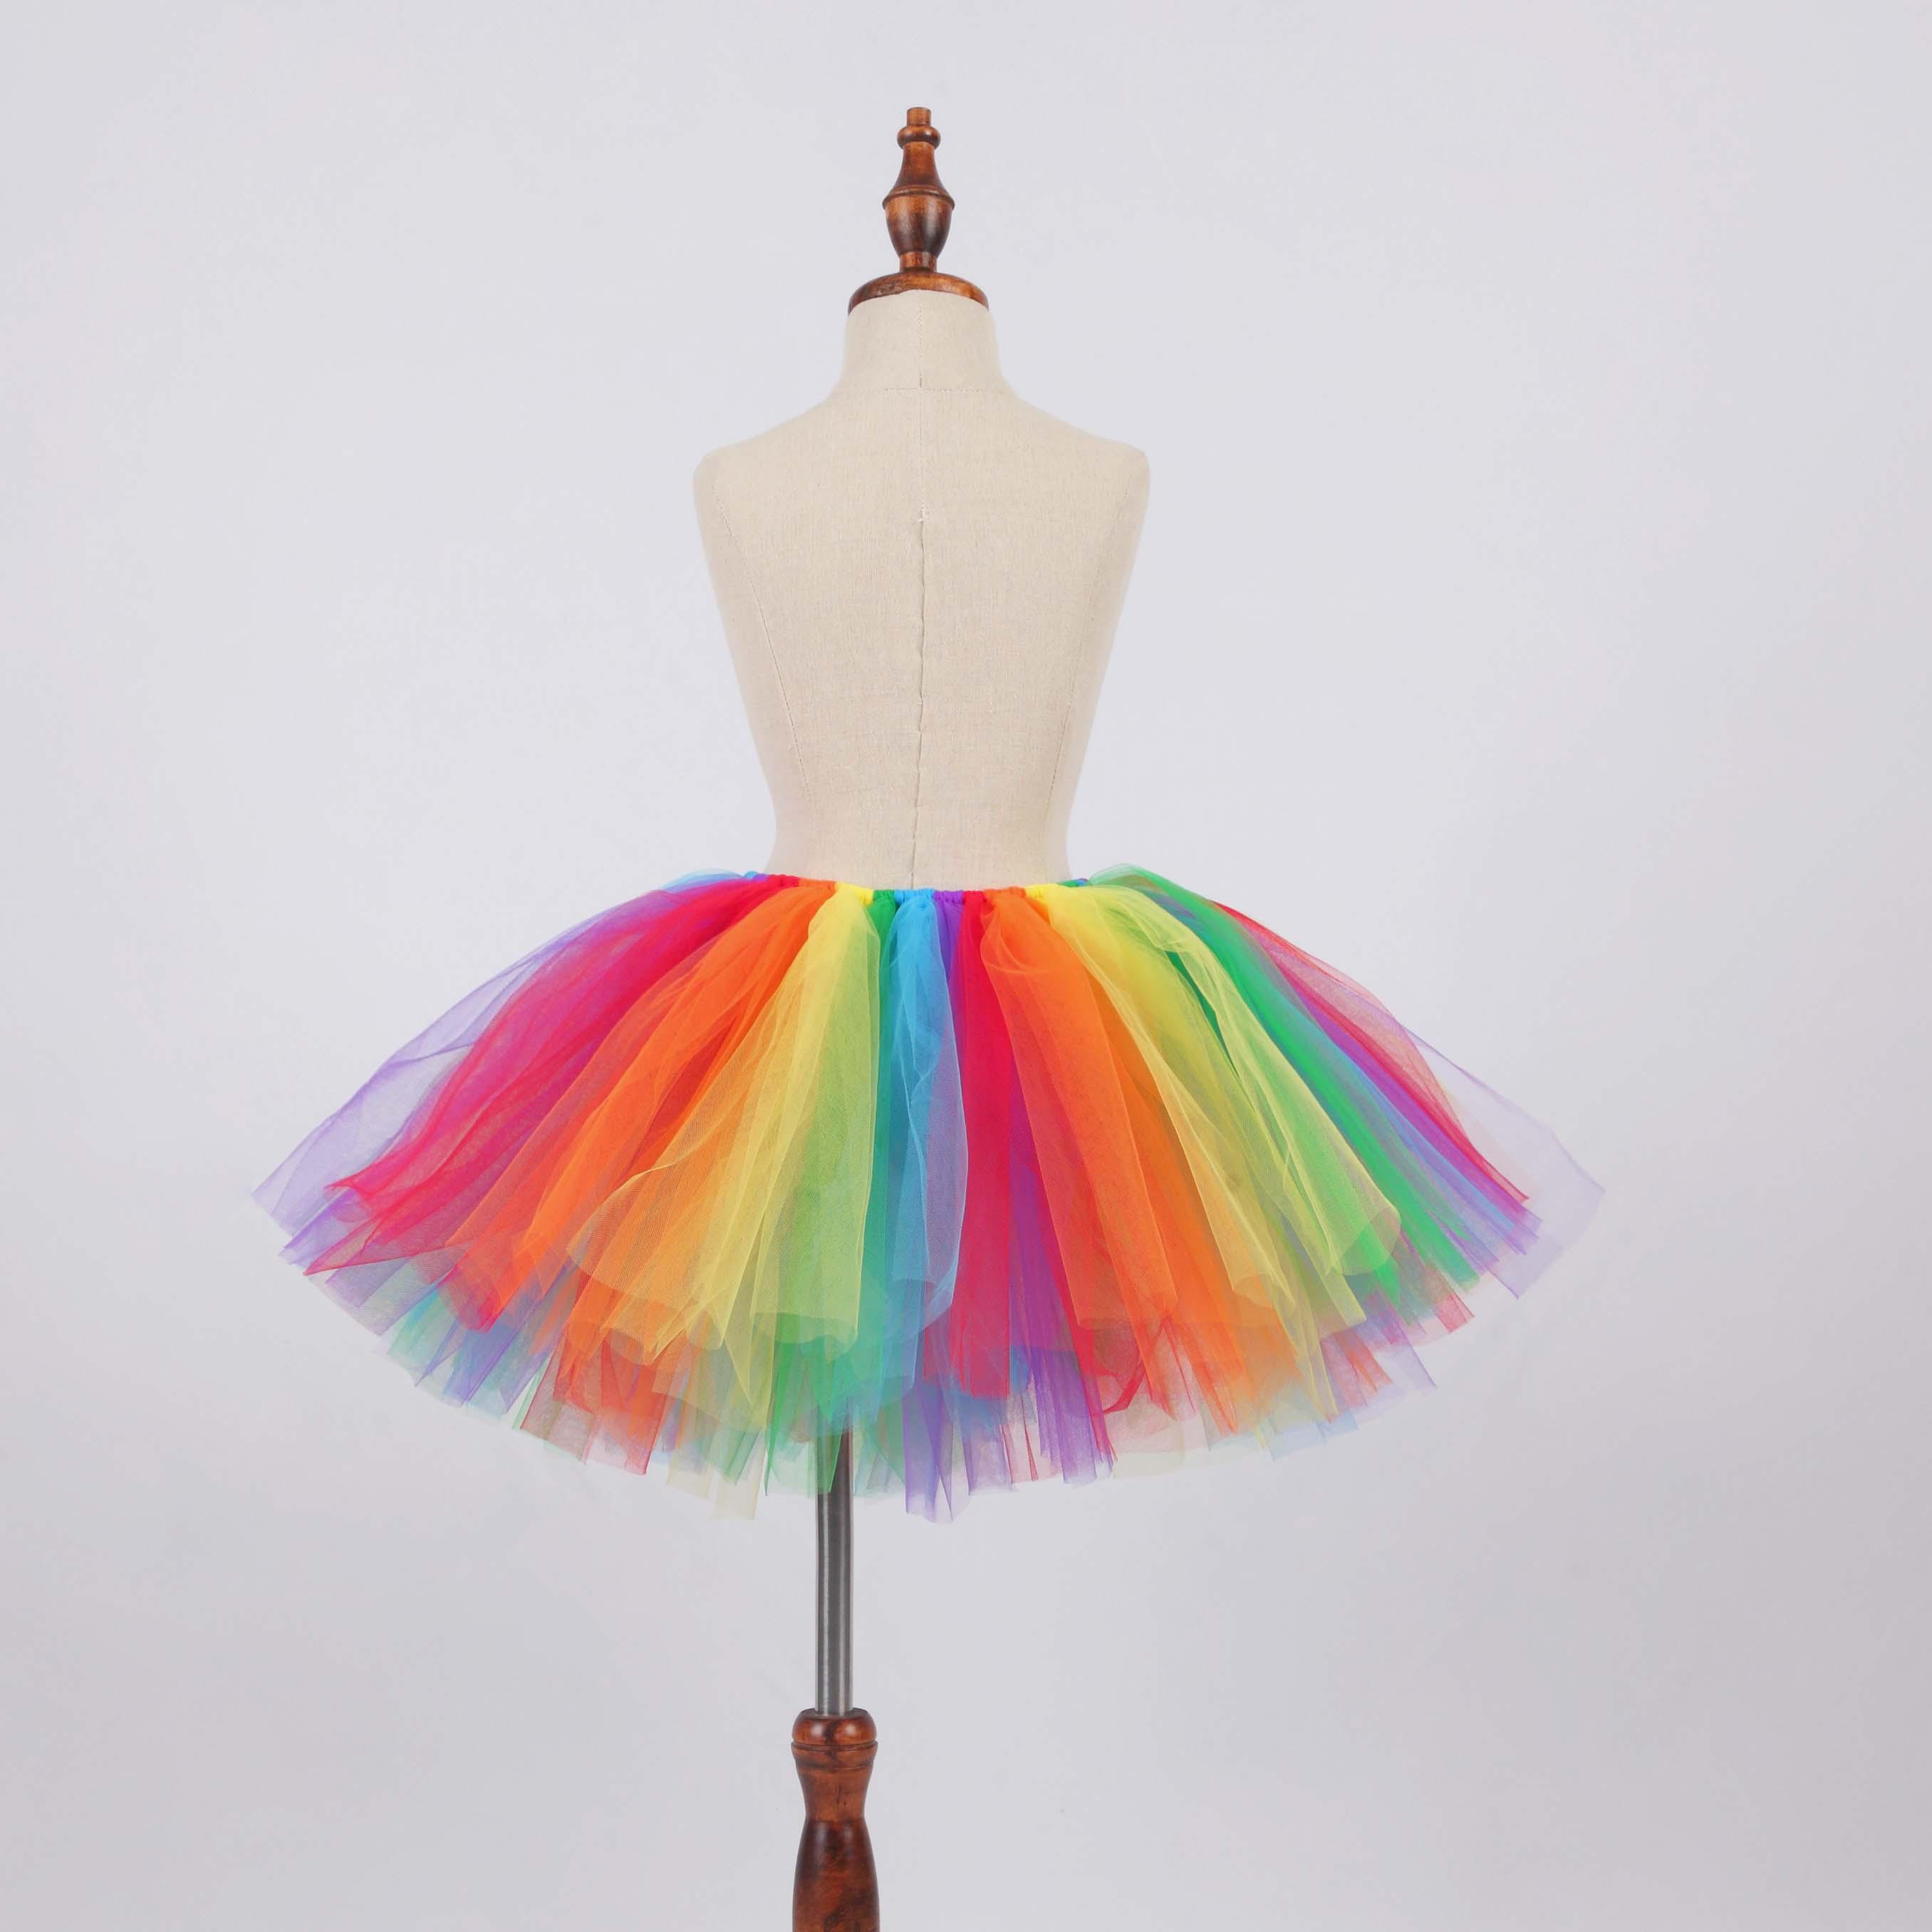 Baby Girls Bright Rainbow Fluffy Tutu Skirt Costume Newborn Photo Props Kids Halloween Cosplay Costume